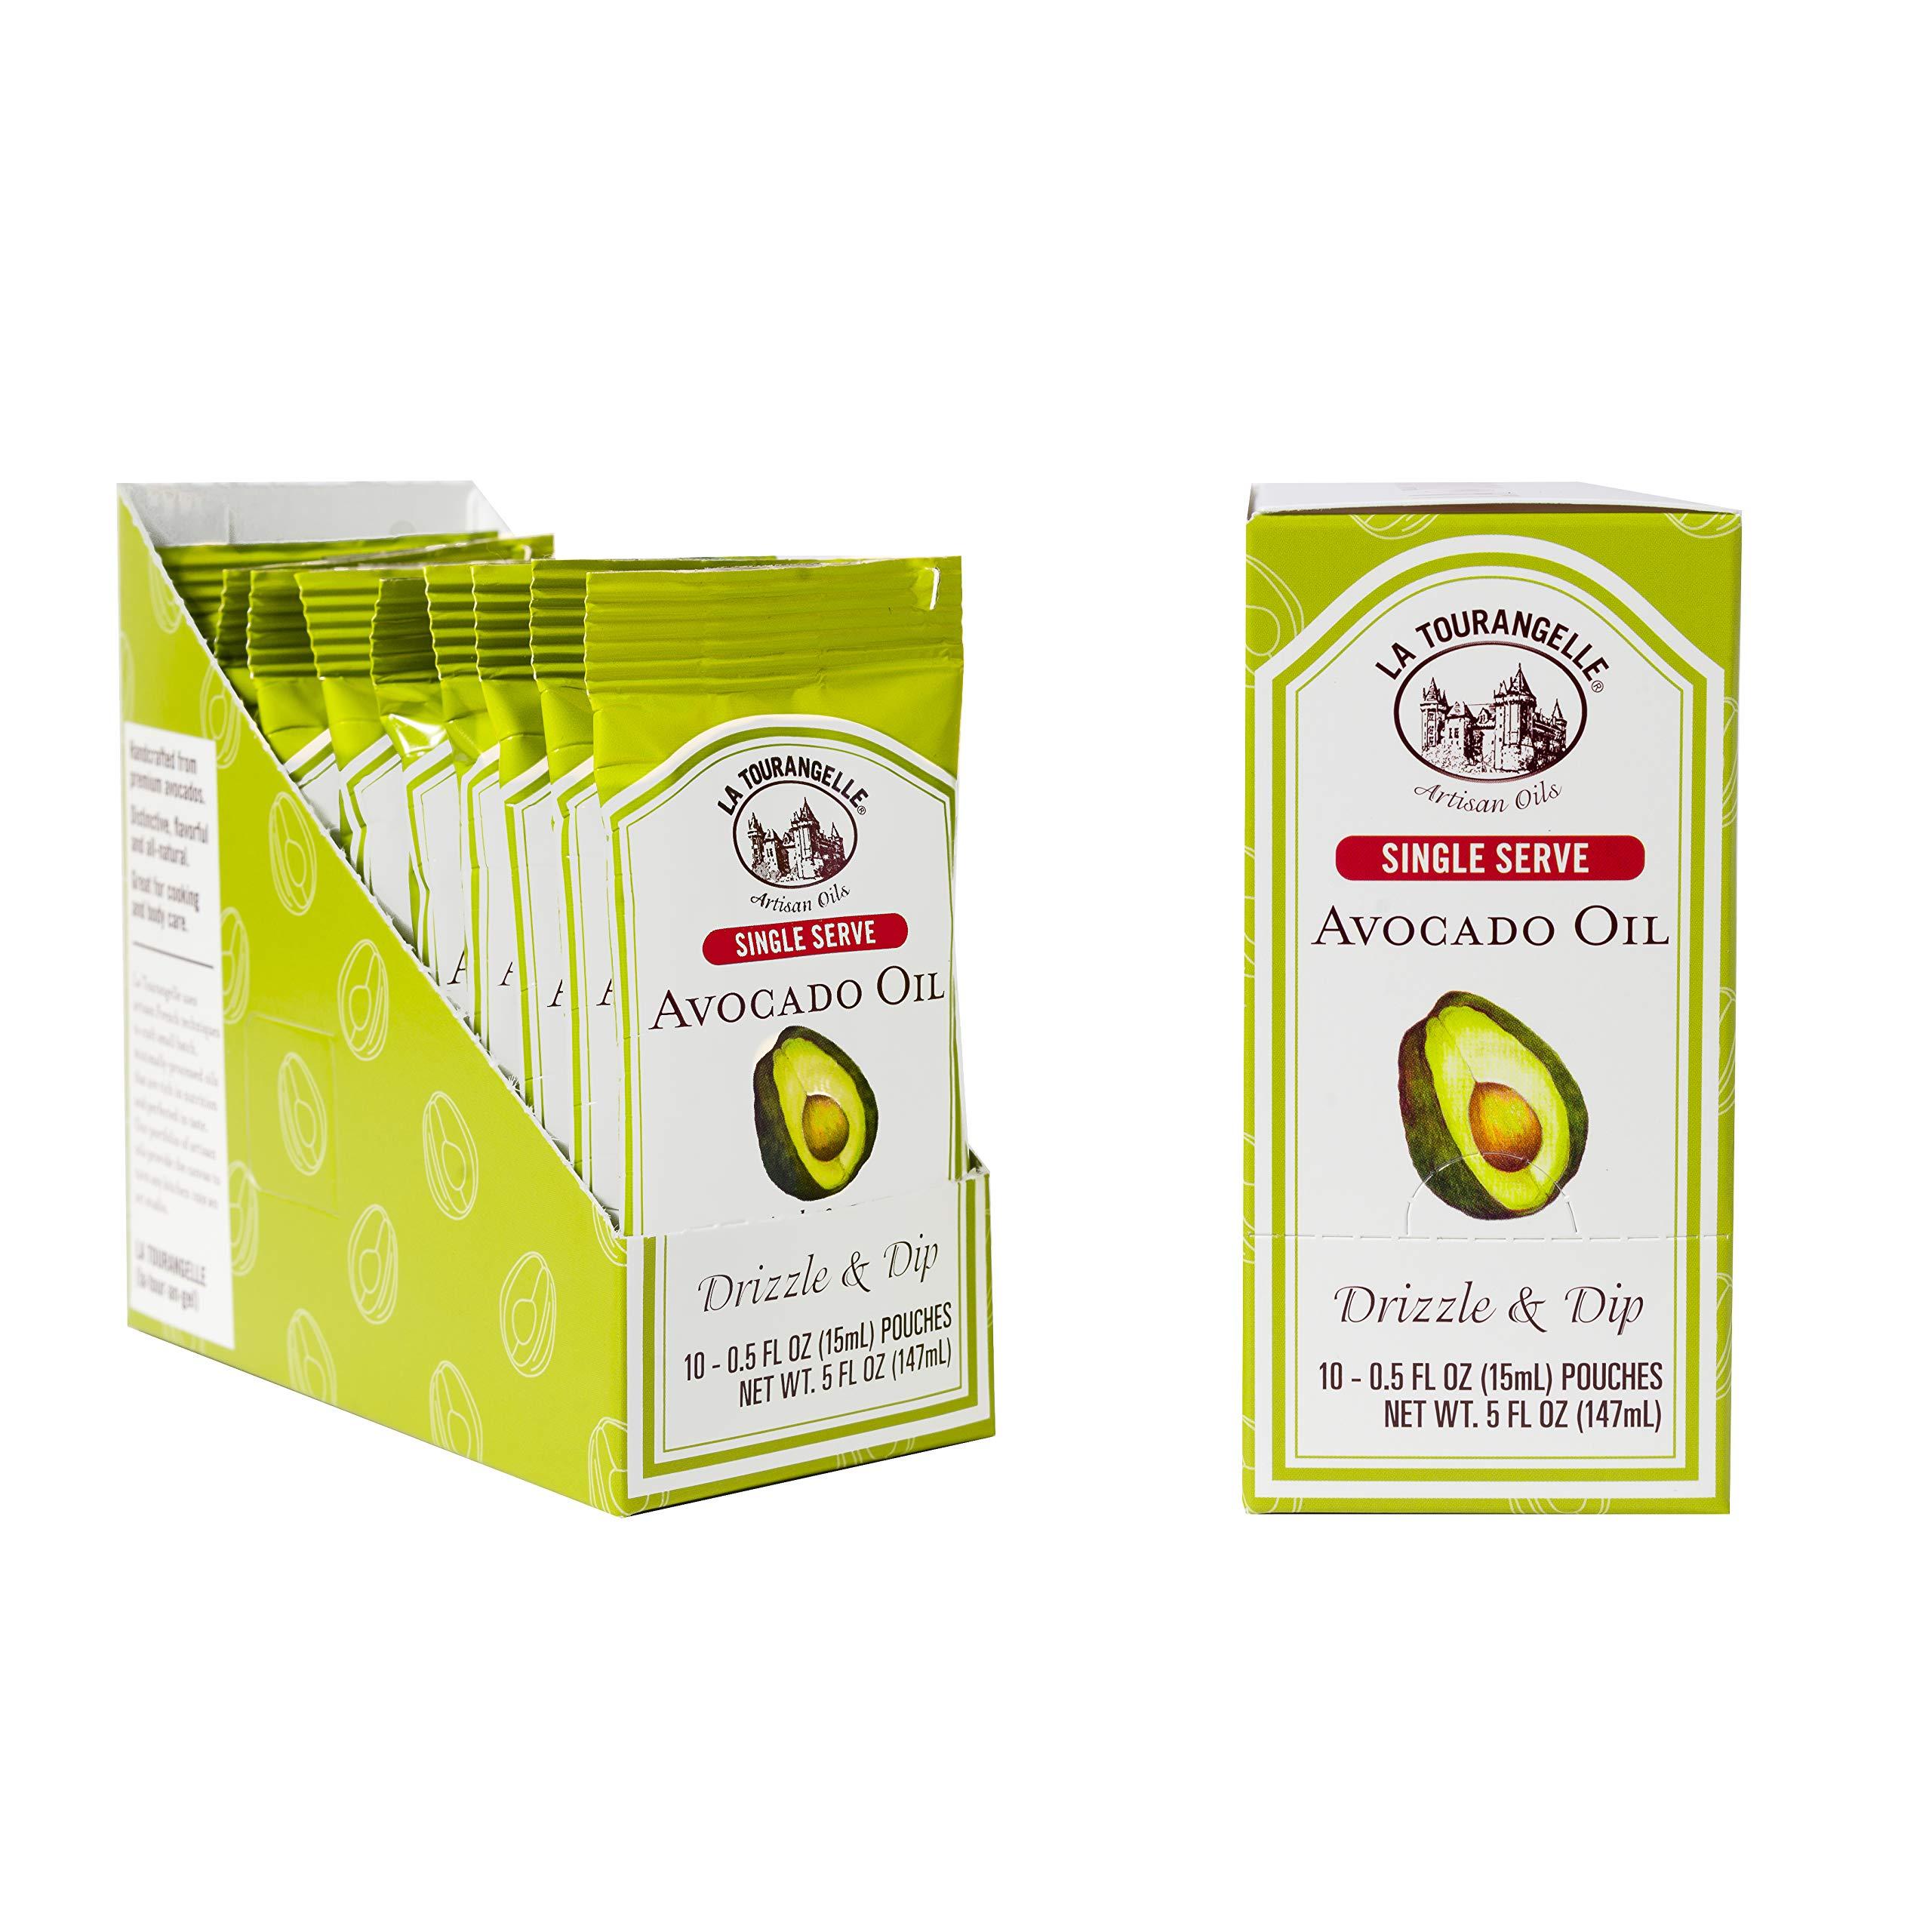 La Tourangelle Avocado Oil Pouches, 0.5 fl. oz., 3-Carton Pack (30 pouches), Convenient Single Serve, Travel Size Oil Packets for On-the-Go, 30 Count by La Tourangelle (Image #1)